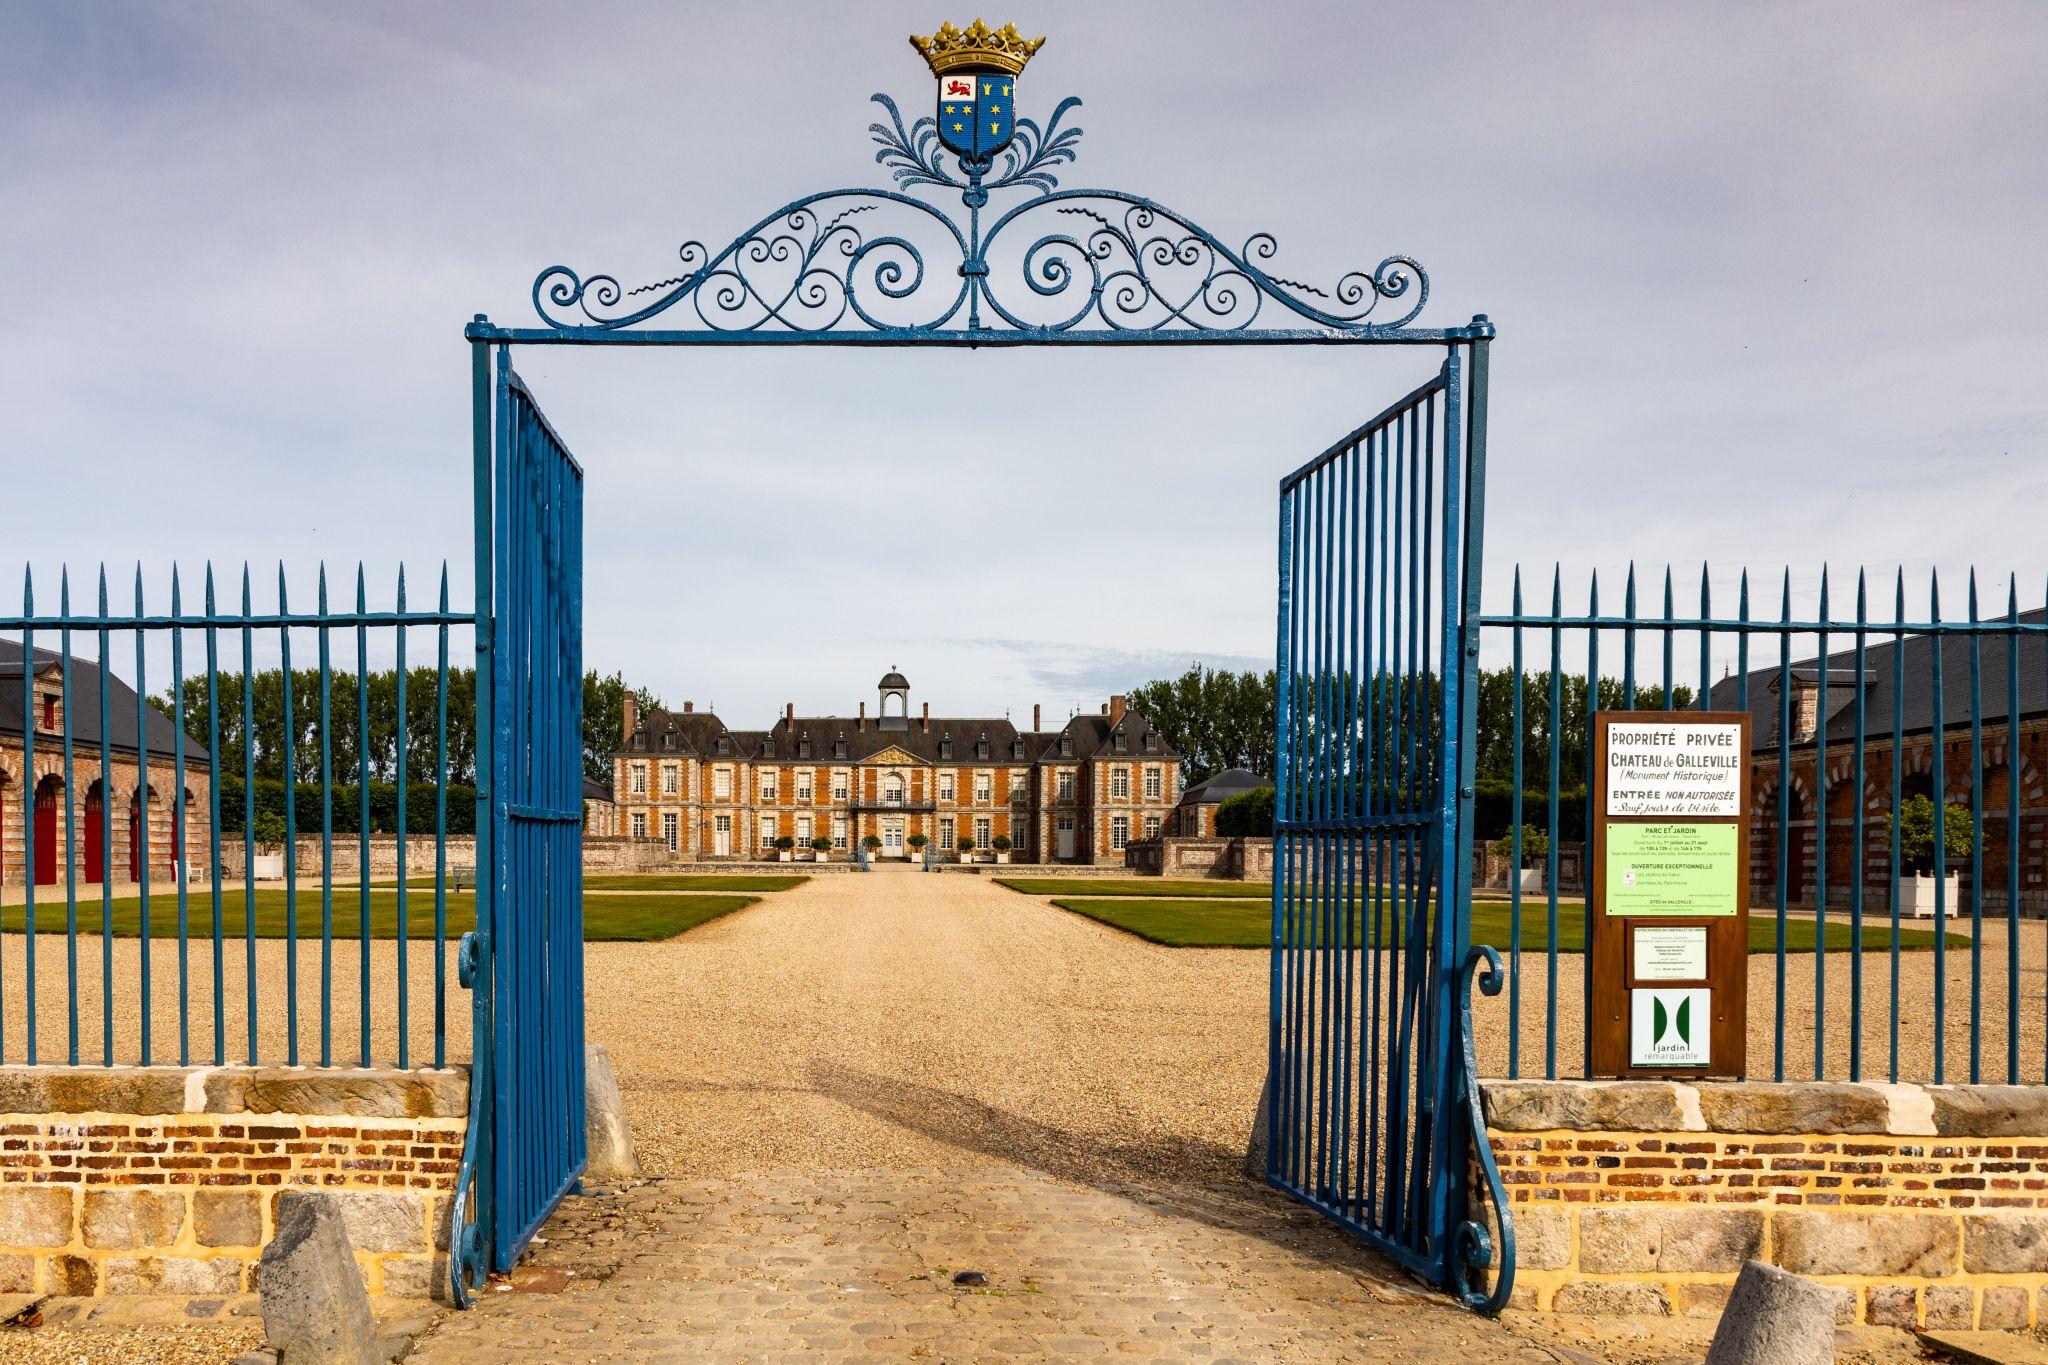 Château de Galleville, France